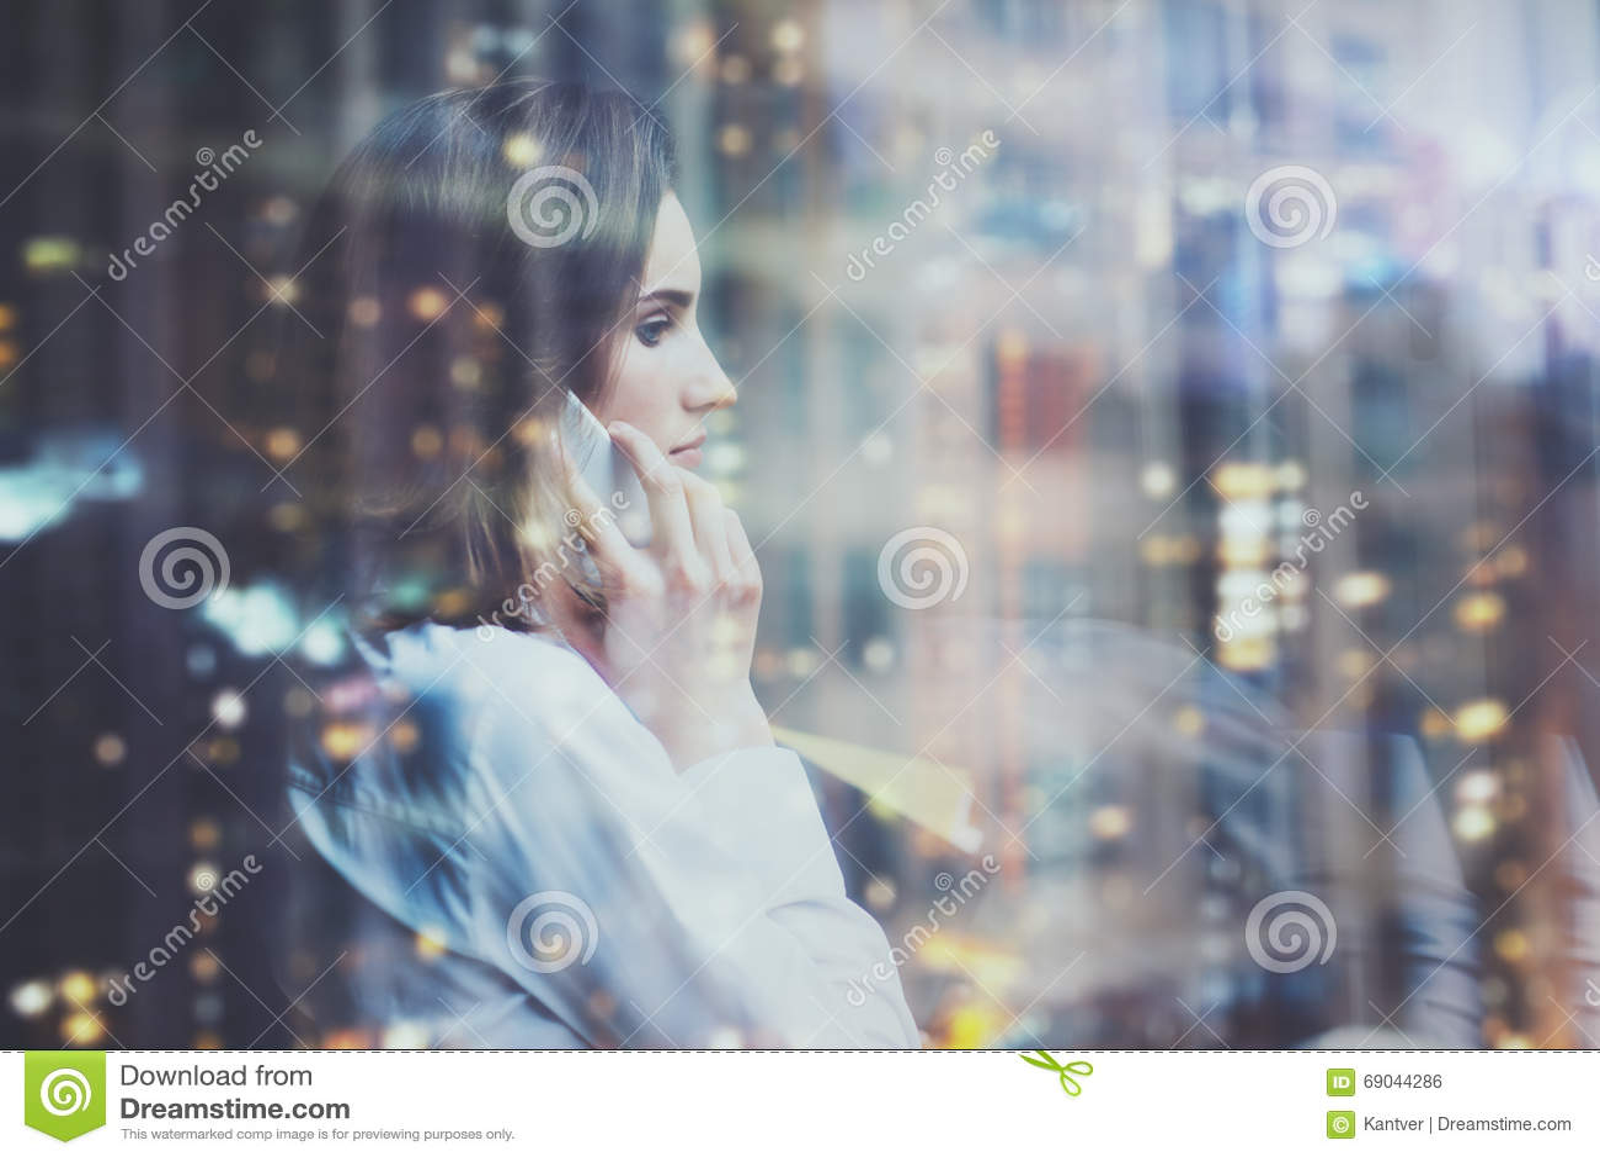 Chemise blanche de port de femme de photo, smartphone parlant et tenir des plans d action dans des mains Bureau de grenier de l e